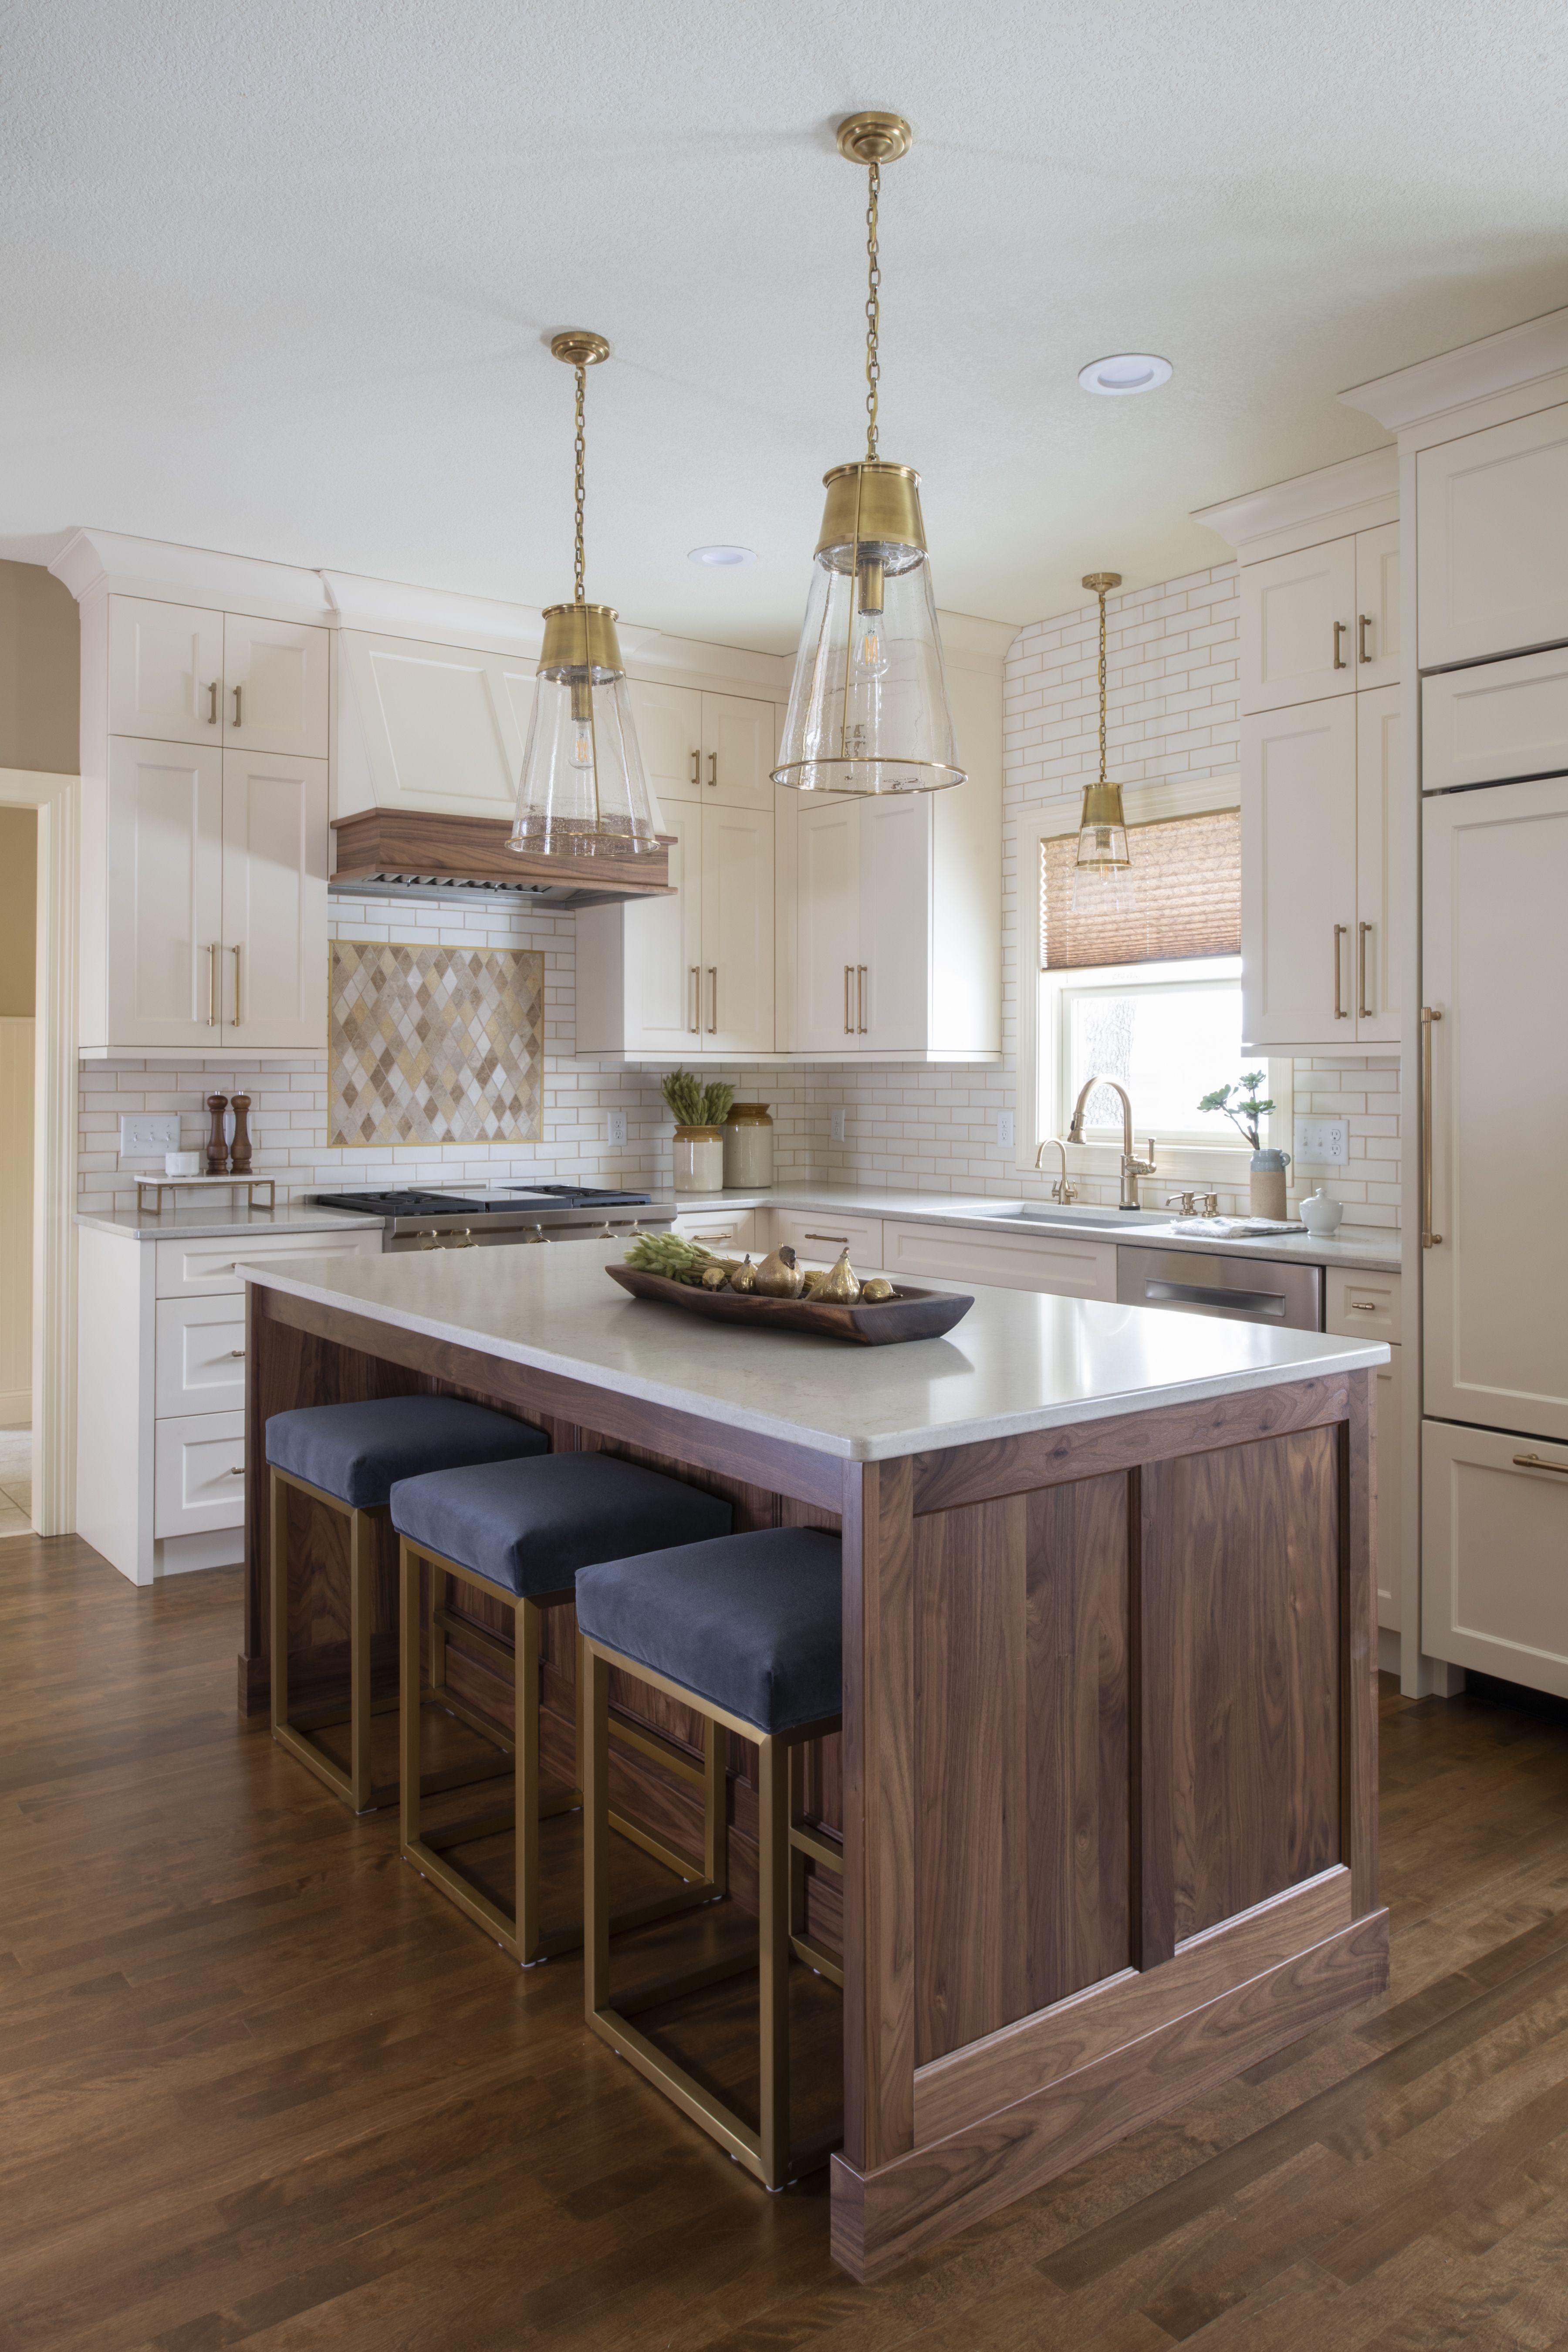 Kitchen Remodel Reveal: Wonderfully Walnut